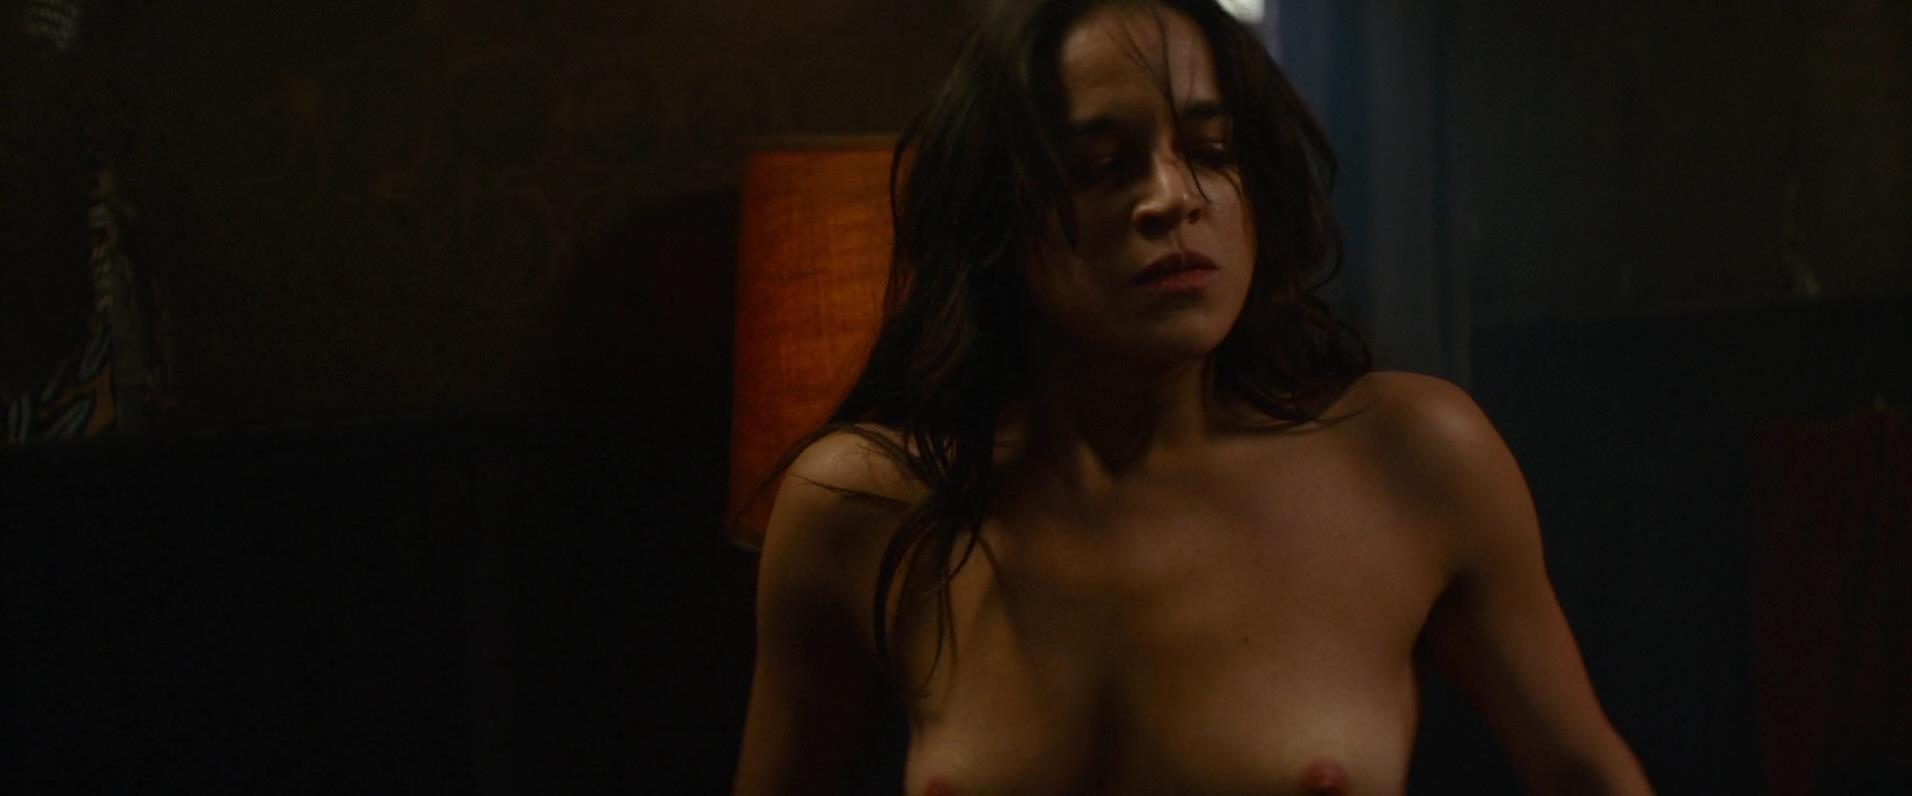 nerd porn nude women